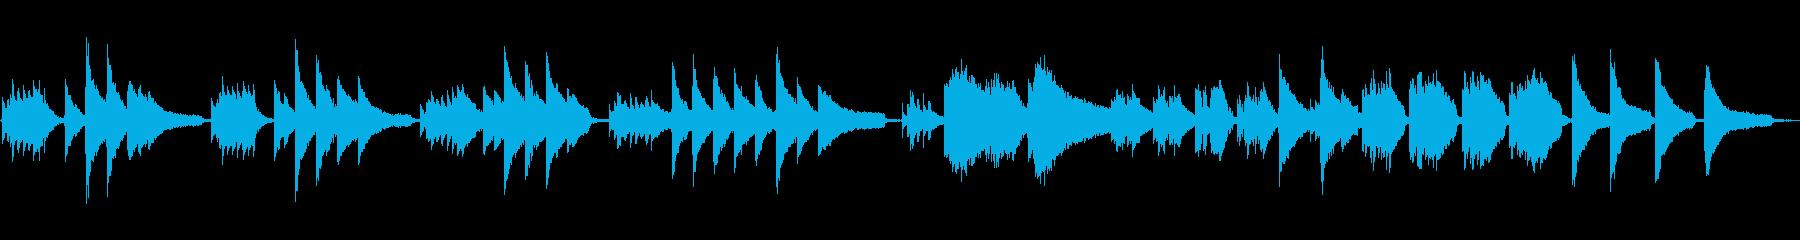 ピアノソロの鬱な曲想_filterありの再生済みの波形